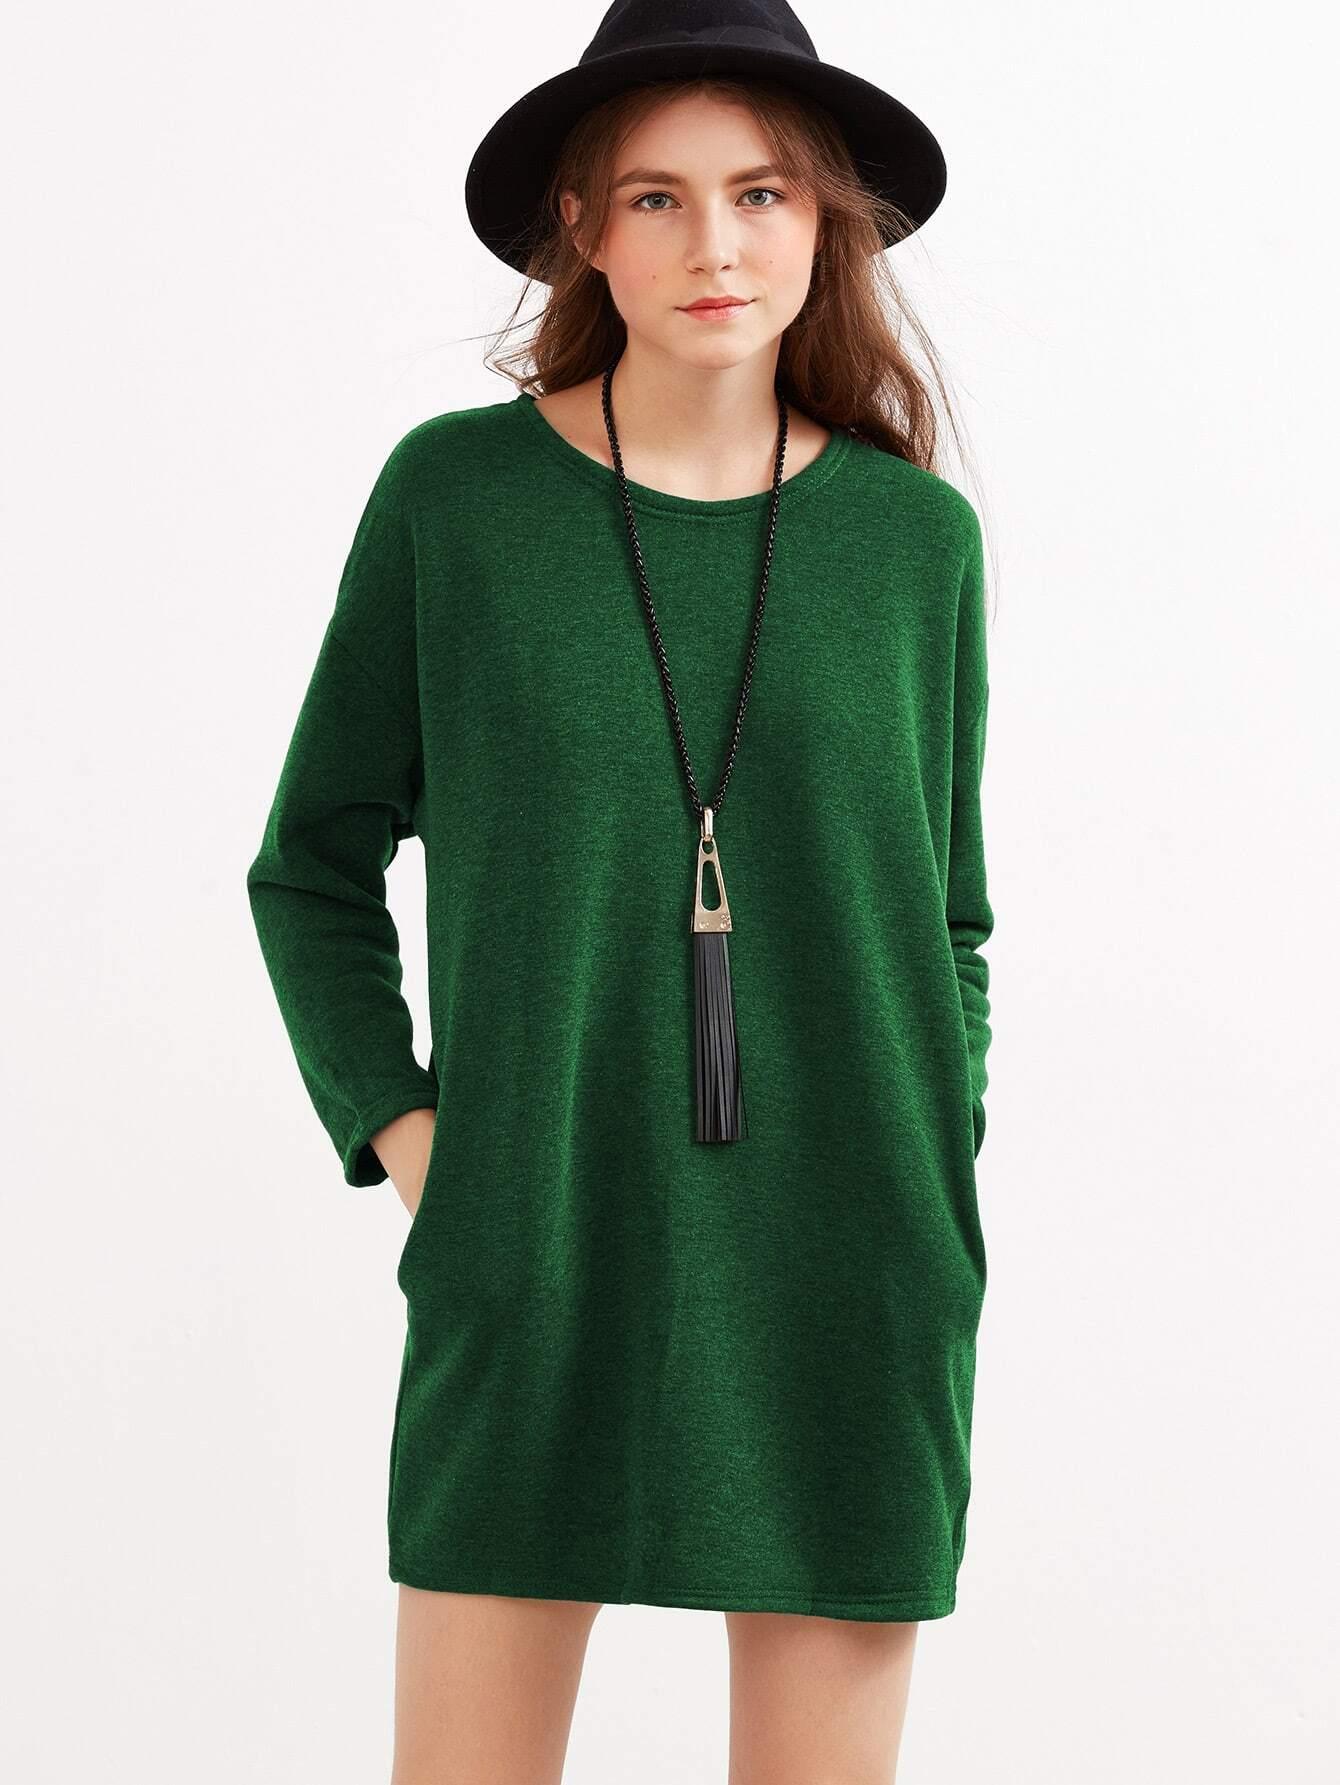 Drop Shoulder Pockets Dress two tone drop shoulder sweatshirt